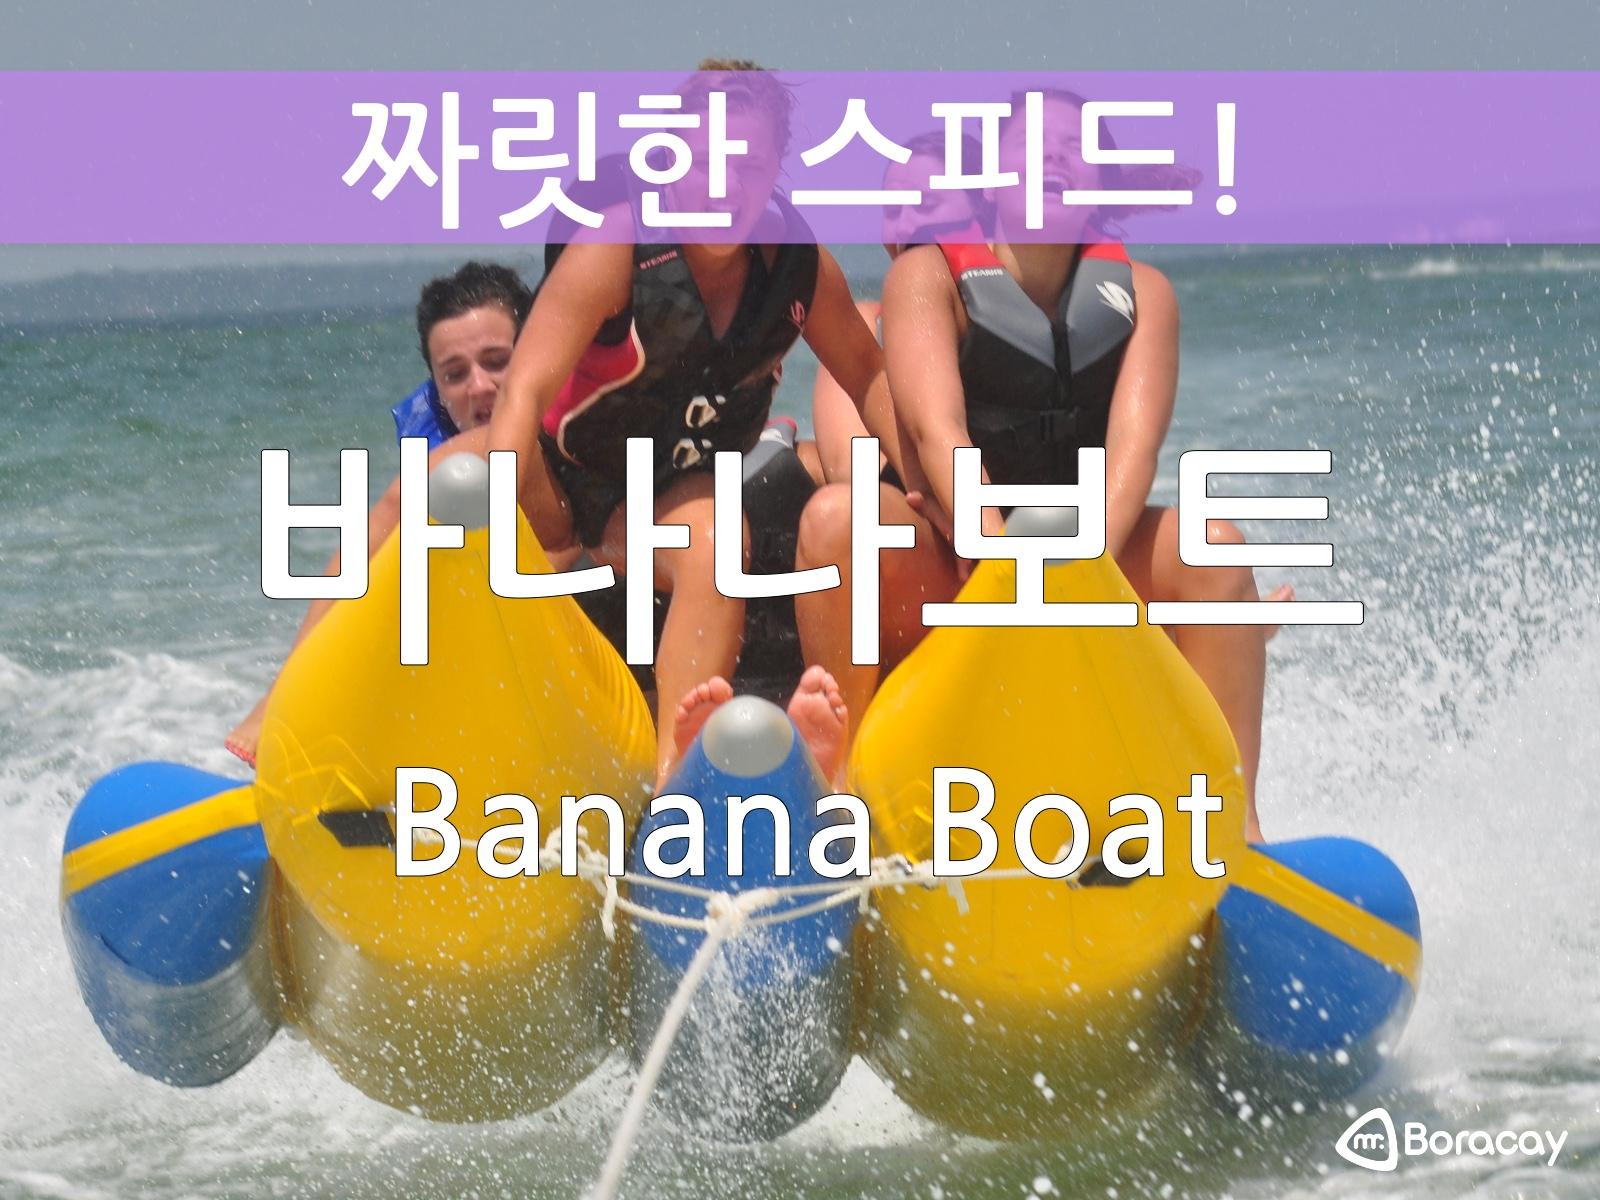 [보라카이 액티비티 & 데이투어] 바나나 보트 banana Boat